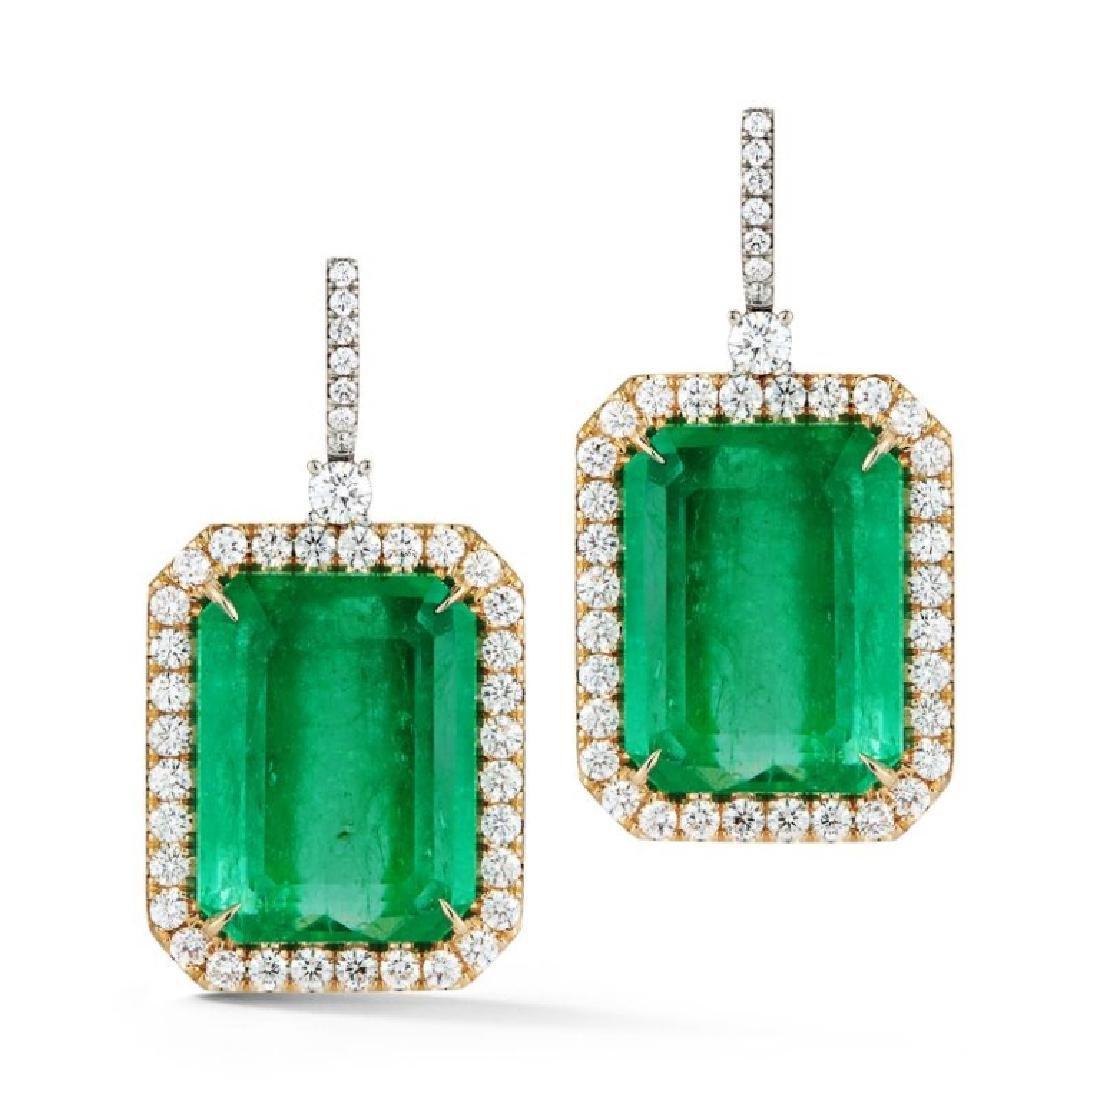 C. Dunaigre, Approx 80ct Emerald Earrings